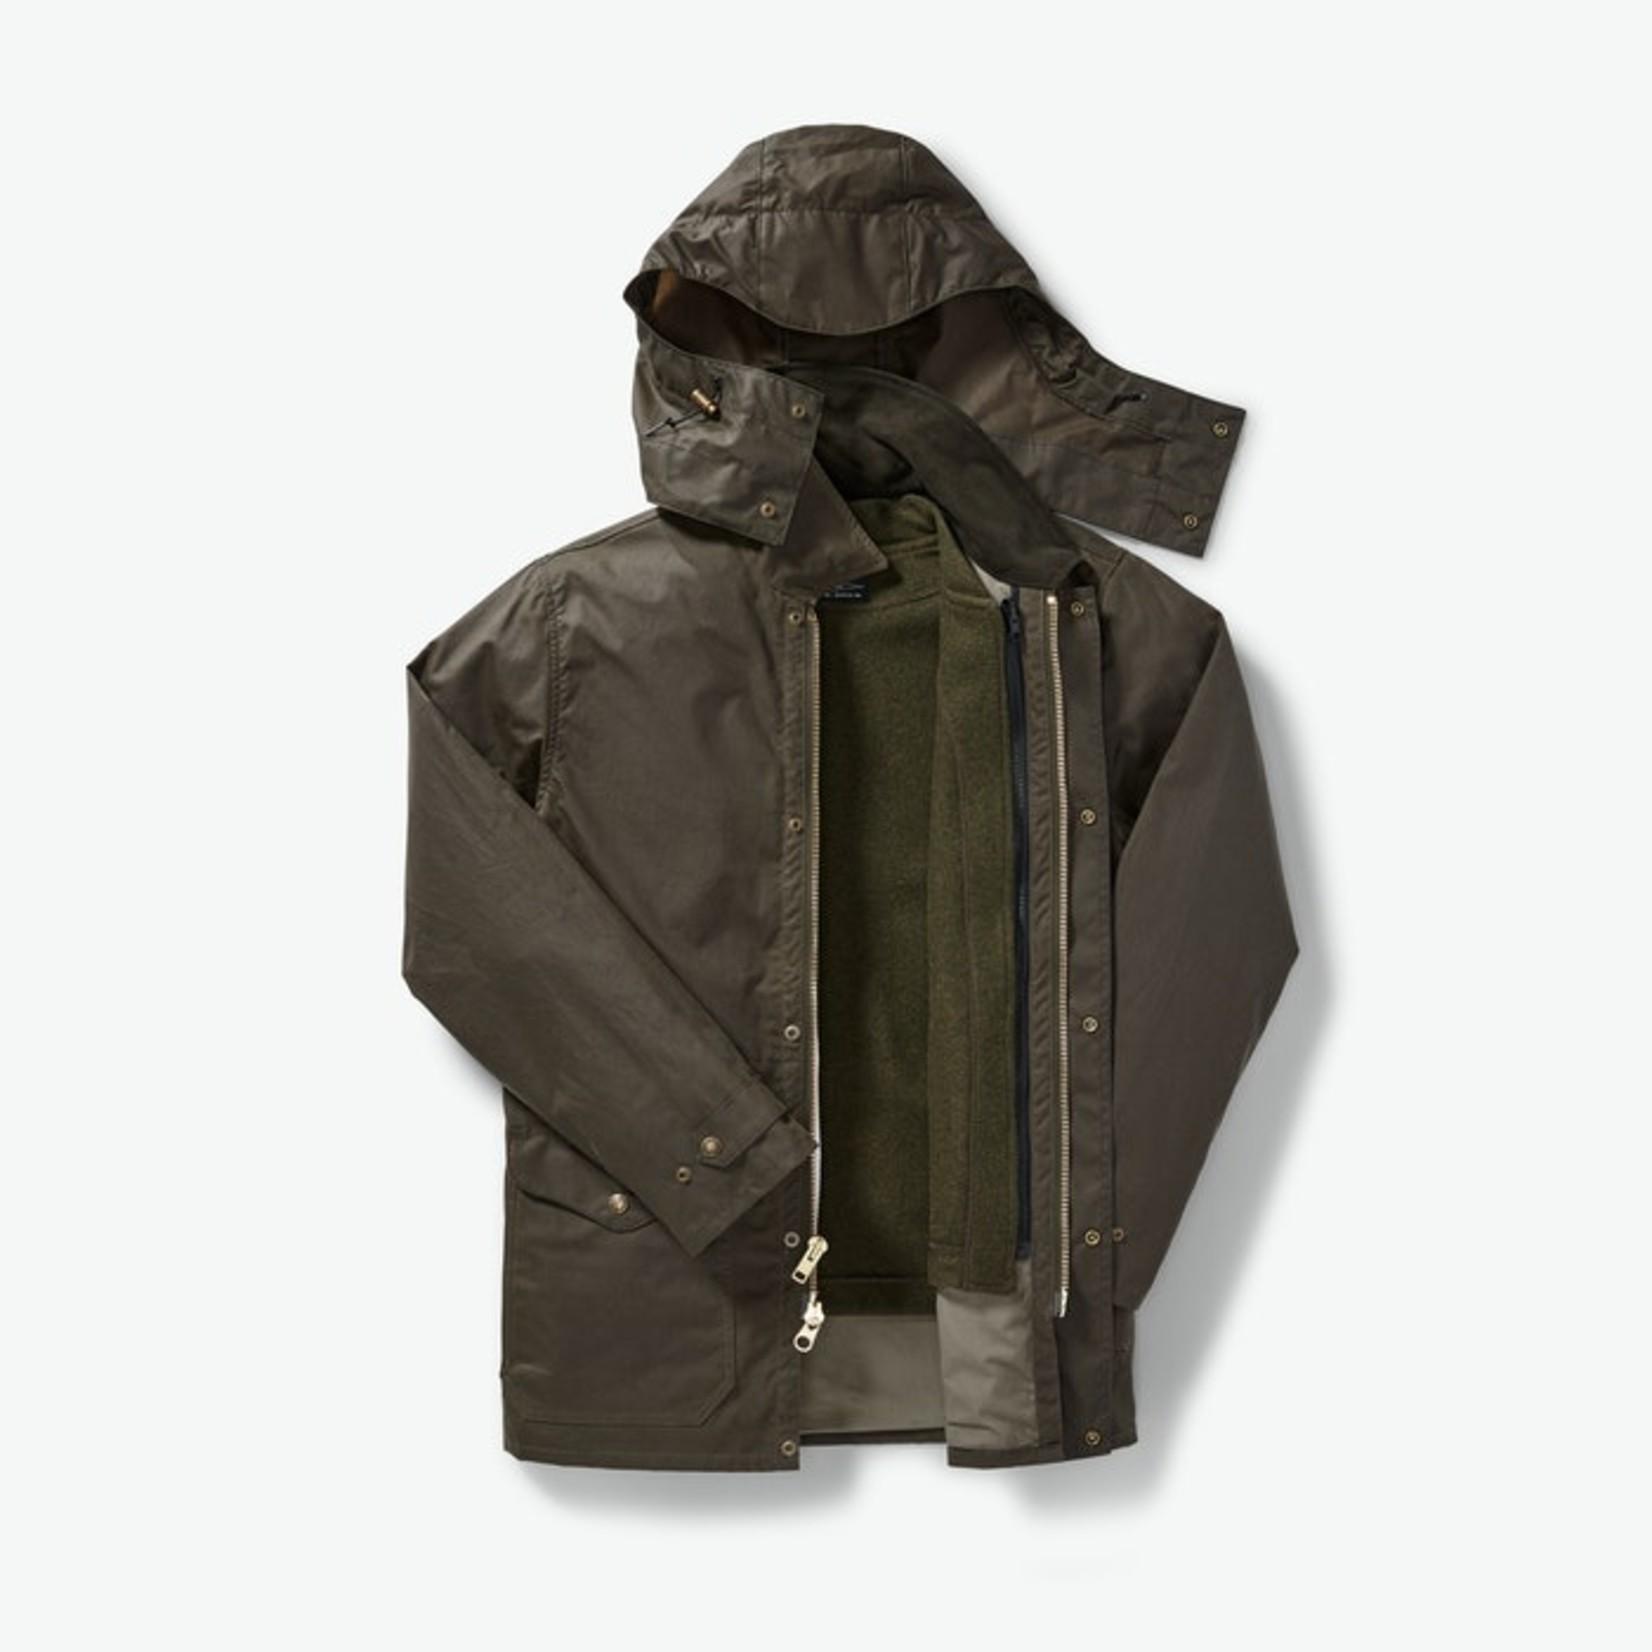 Filson Filson 20171578 Cover Cloth Mile Marker Coat - Otter Green